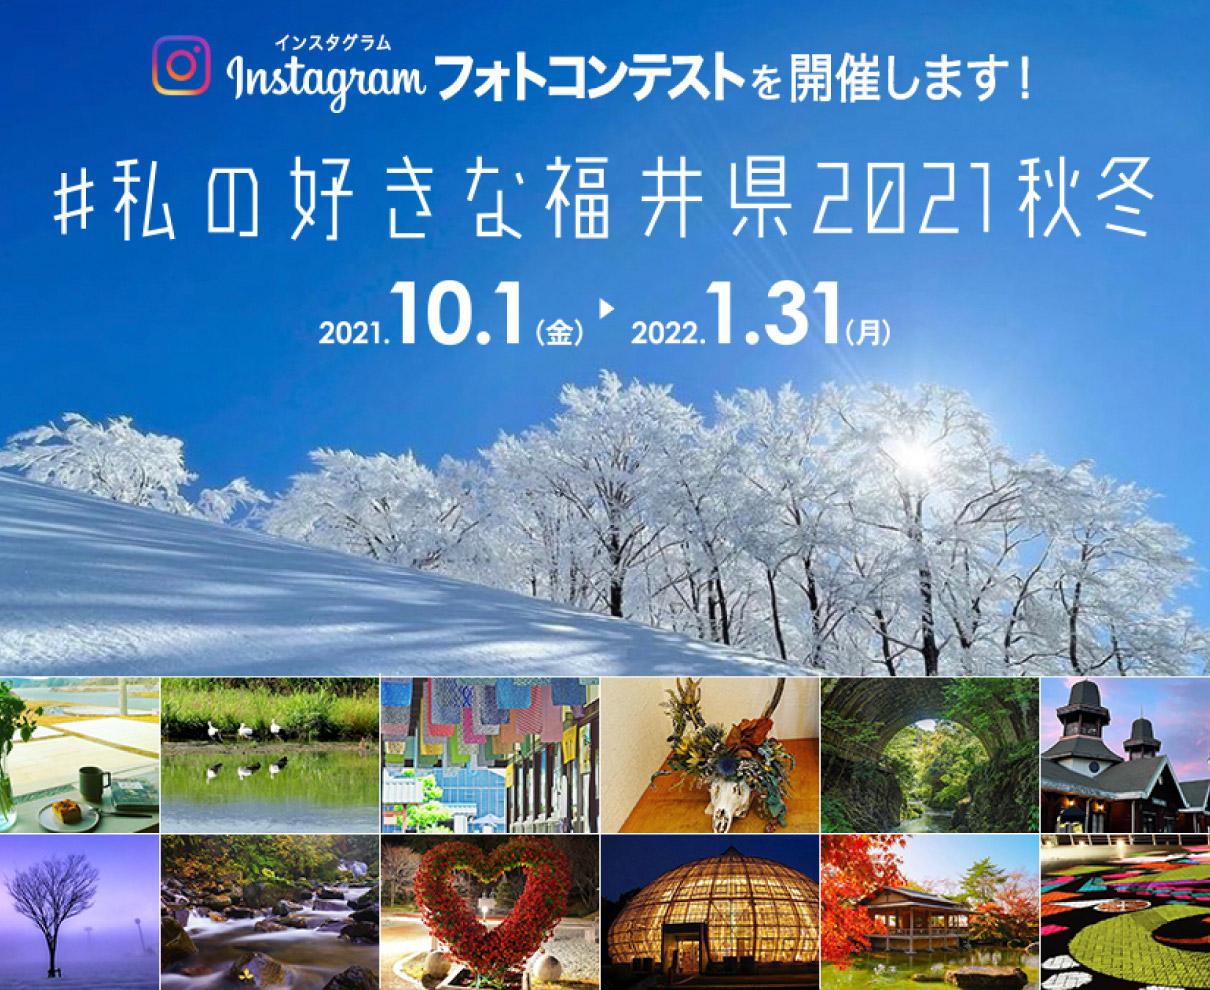 大好評の「インスタフォトコンテスト」の第4弾がスタート! #私の好きな福井県2021秋冬で投稿して賞品をゲットしよう。